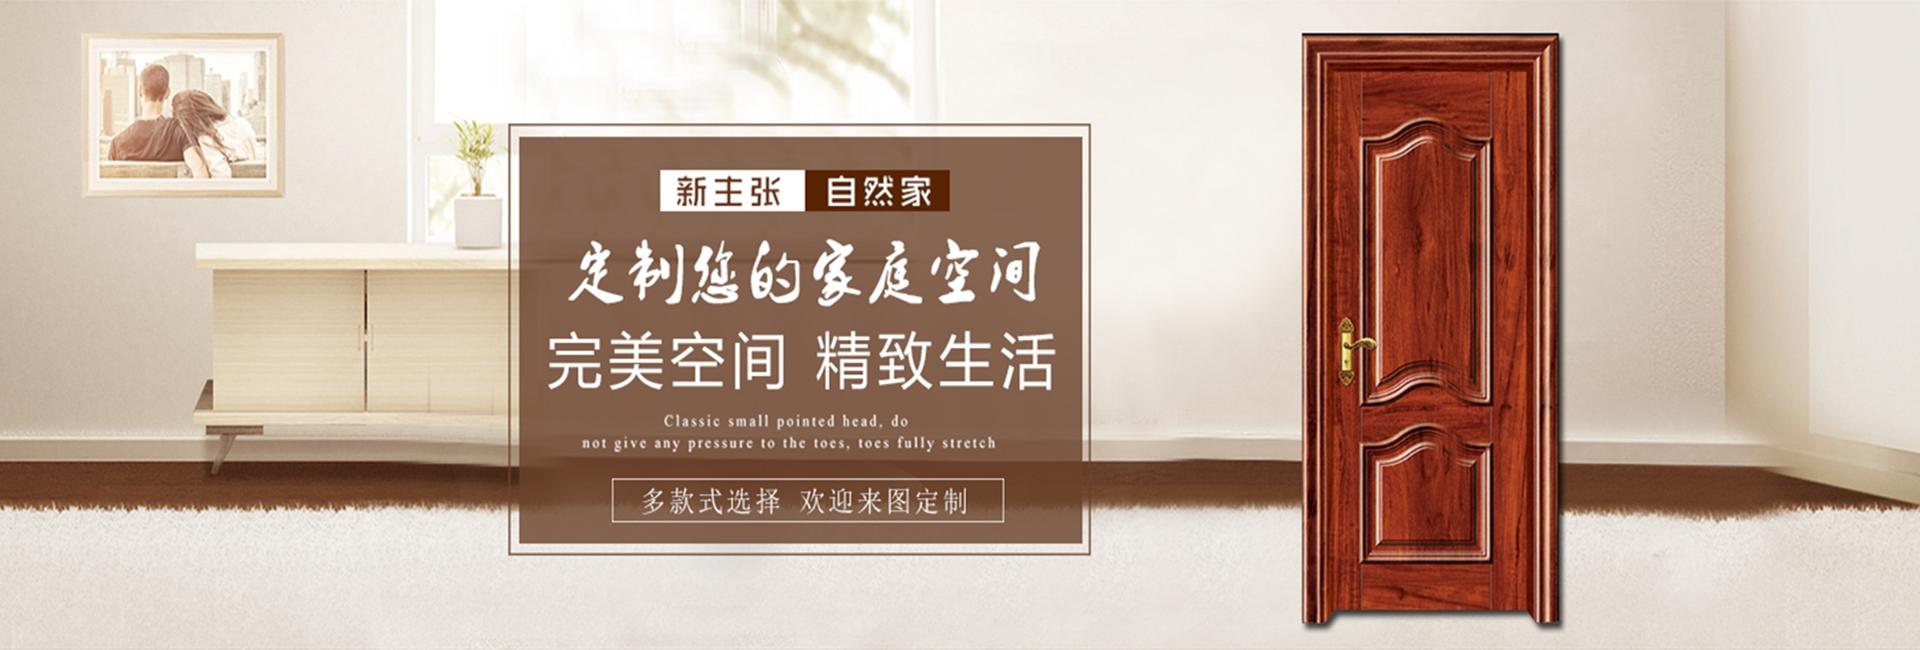 富华门业位于中国竹艺之乡,主要生产、研发、销售实木门,全竹门,竹木门,免漆门等系列产品,并提供代理、加盟服务。